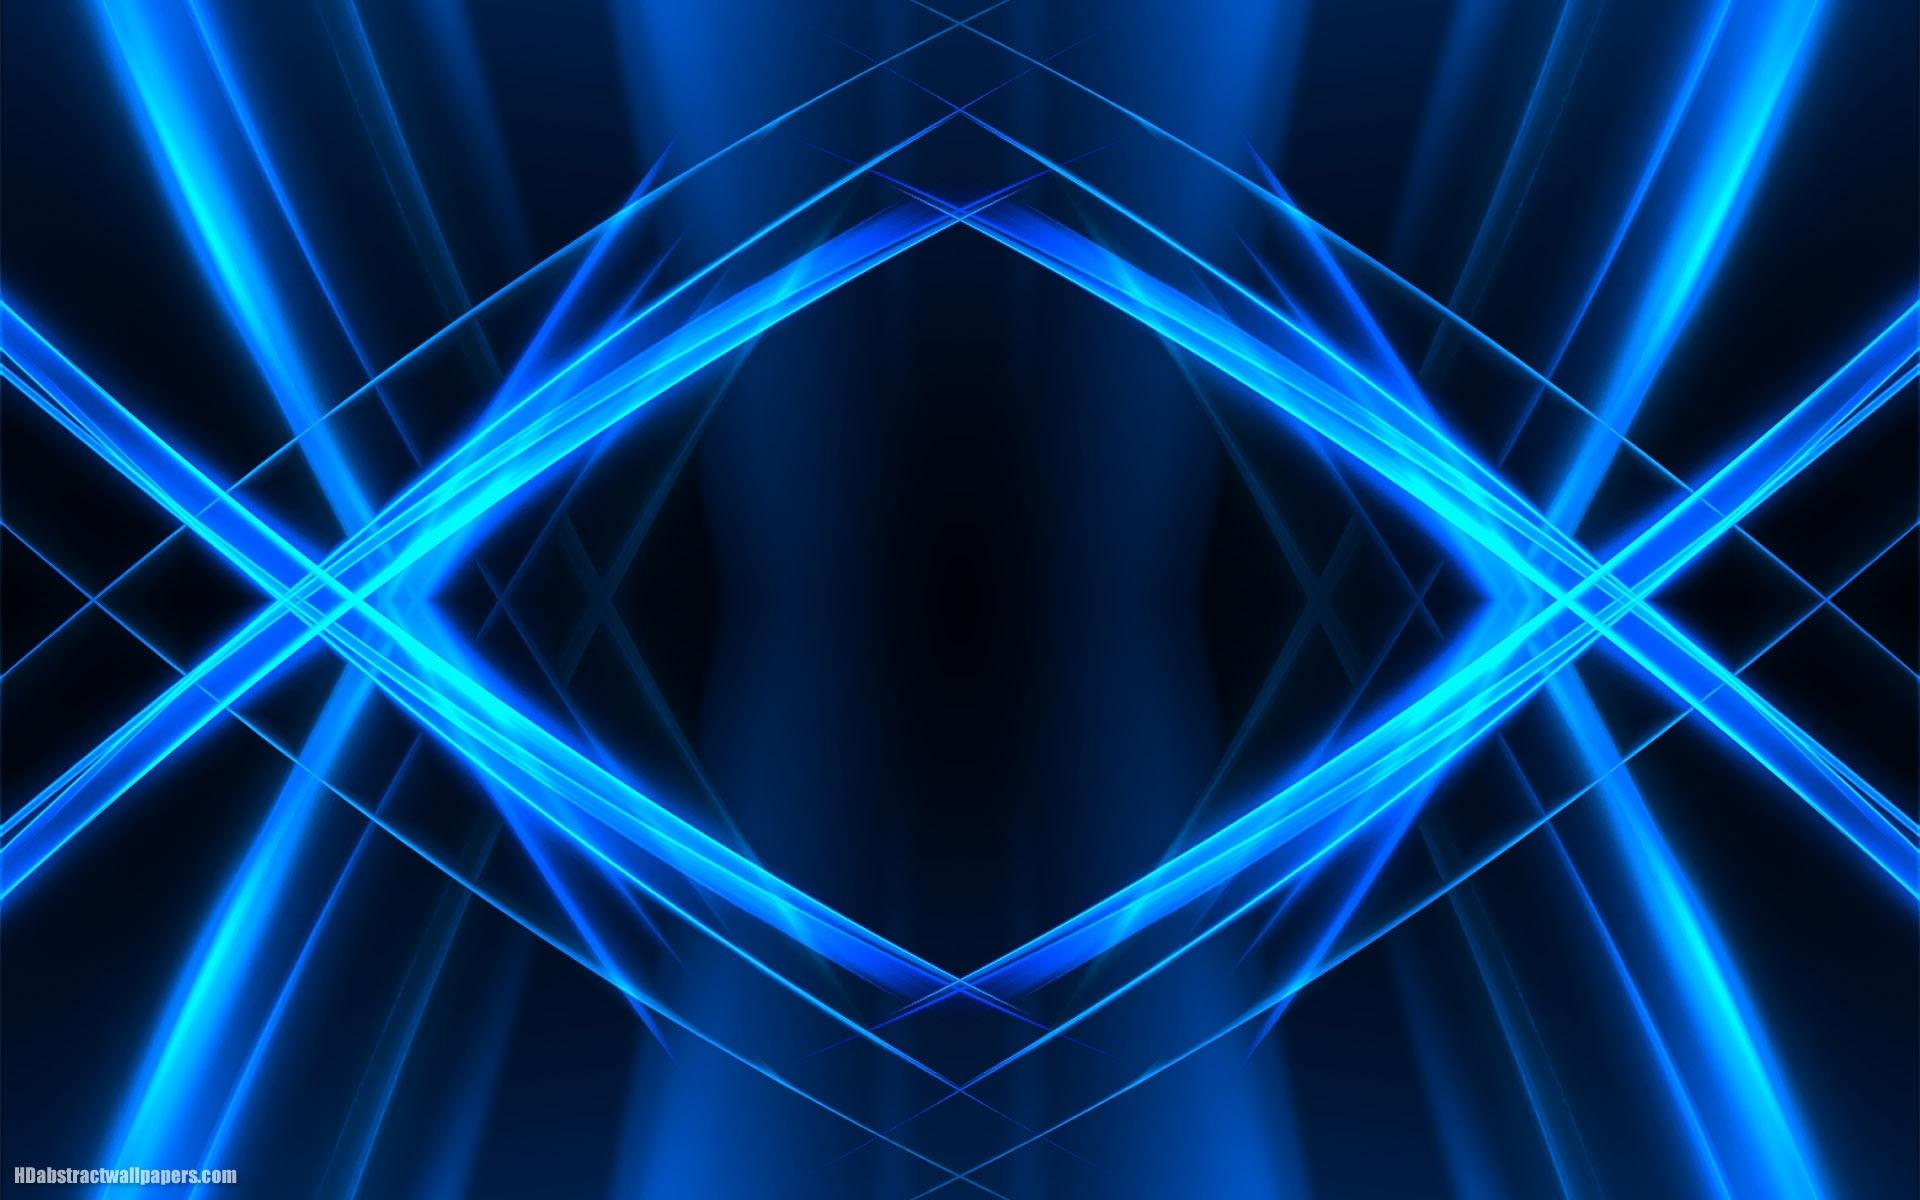 blue abstract laser line wallpaper - baltana